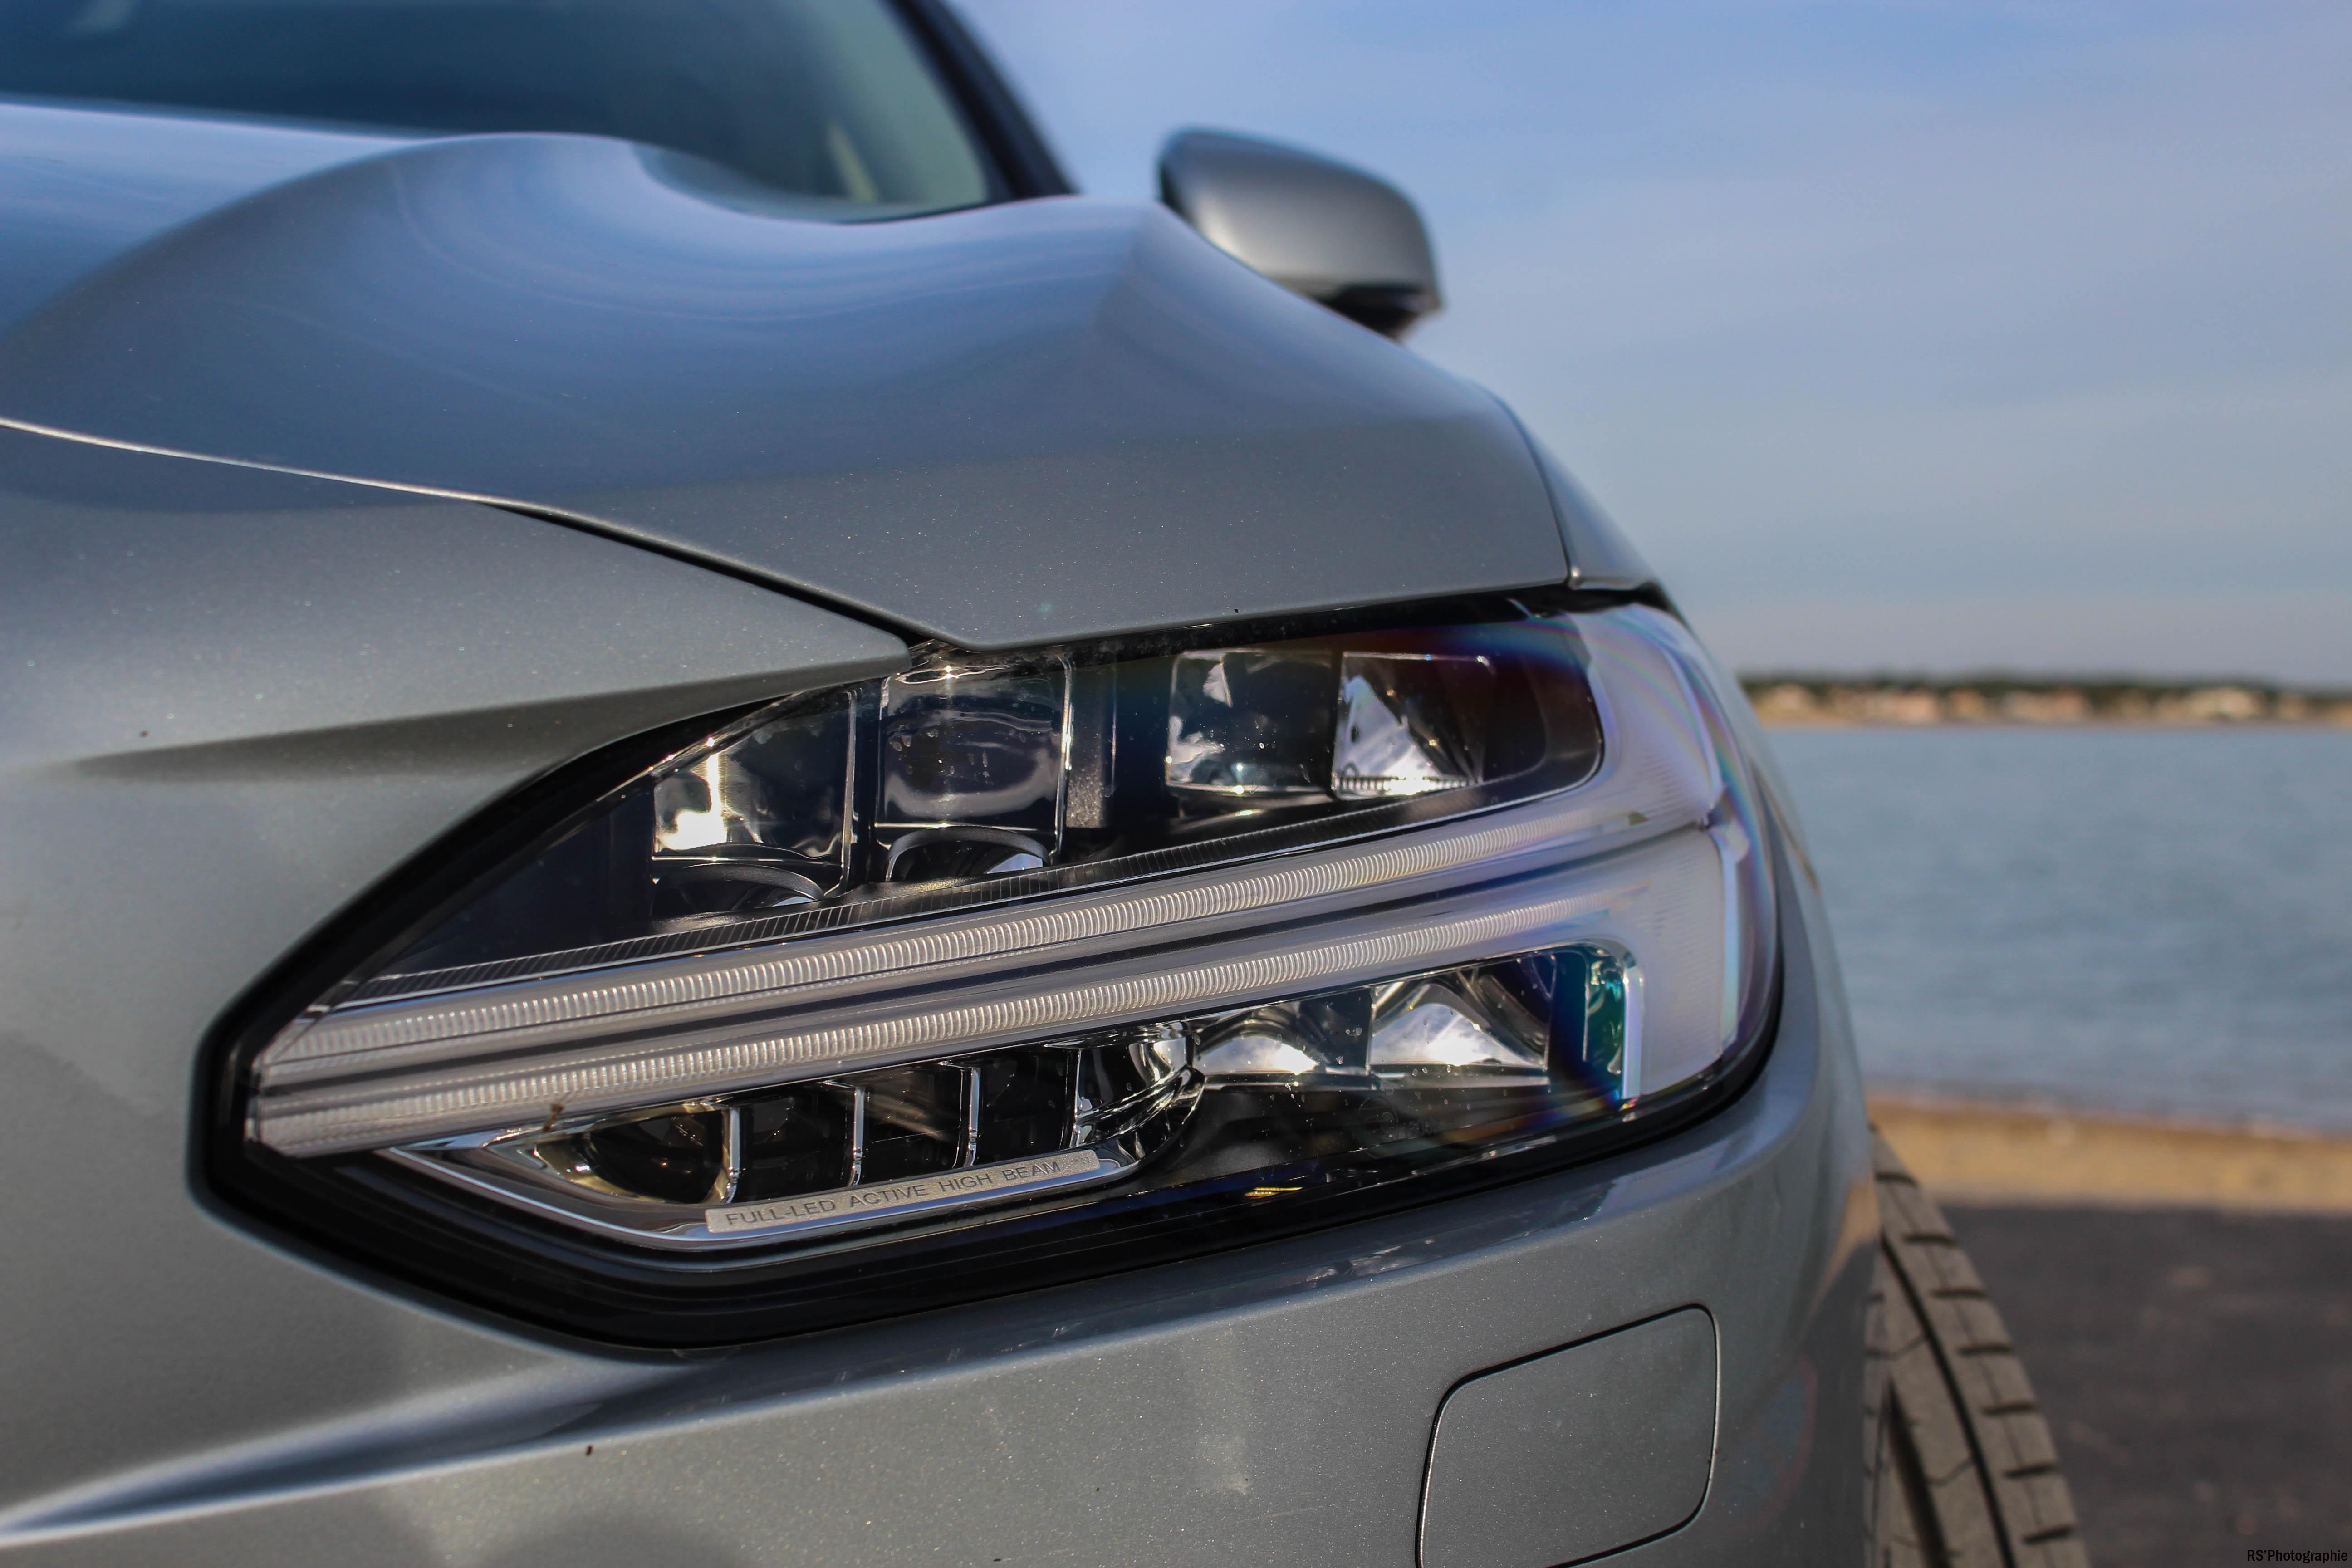 VolvoV9015-volvo-v90-d5-phare-headlight-Arnaud Demasier-RSPhotographie